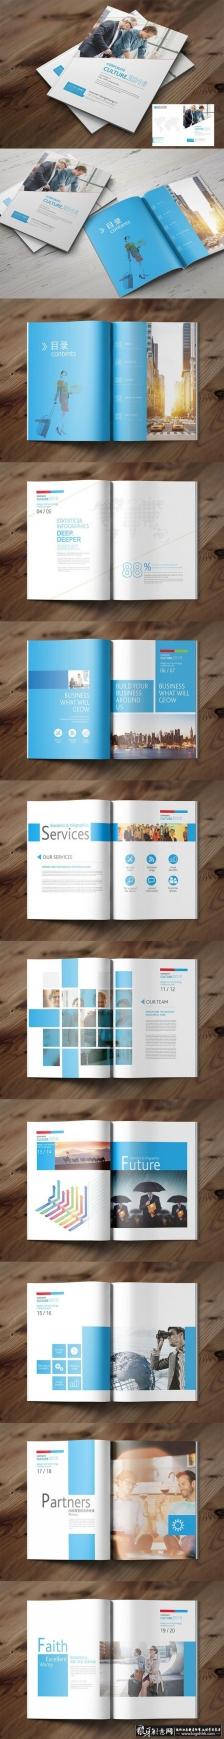 国外商务画册 带画册封面 画册内页设计 画册版式设计 画册广告 画册海报 企业宣传册